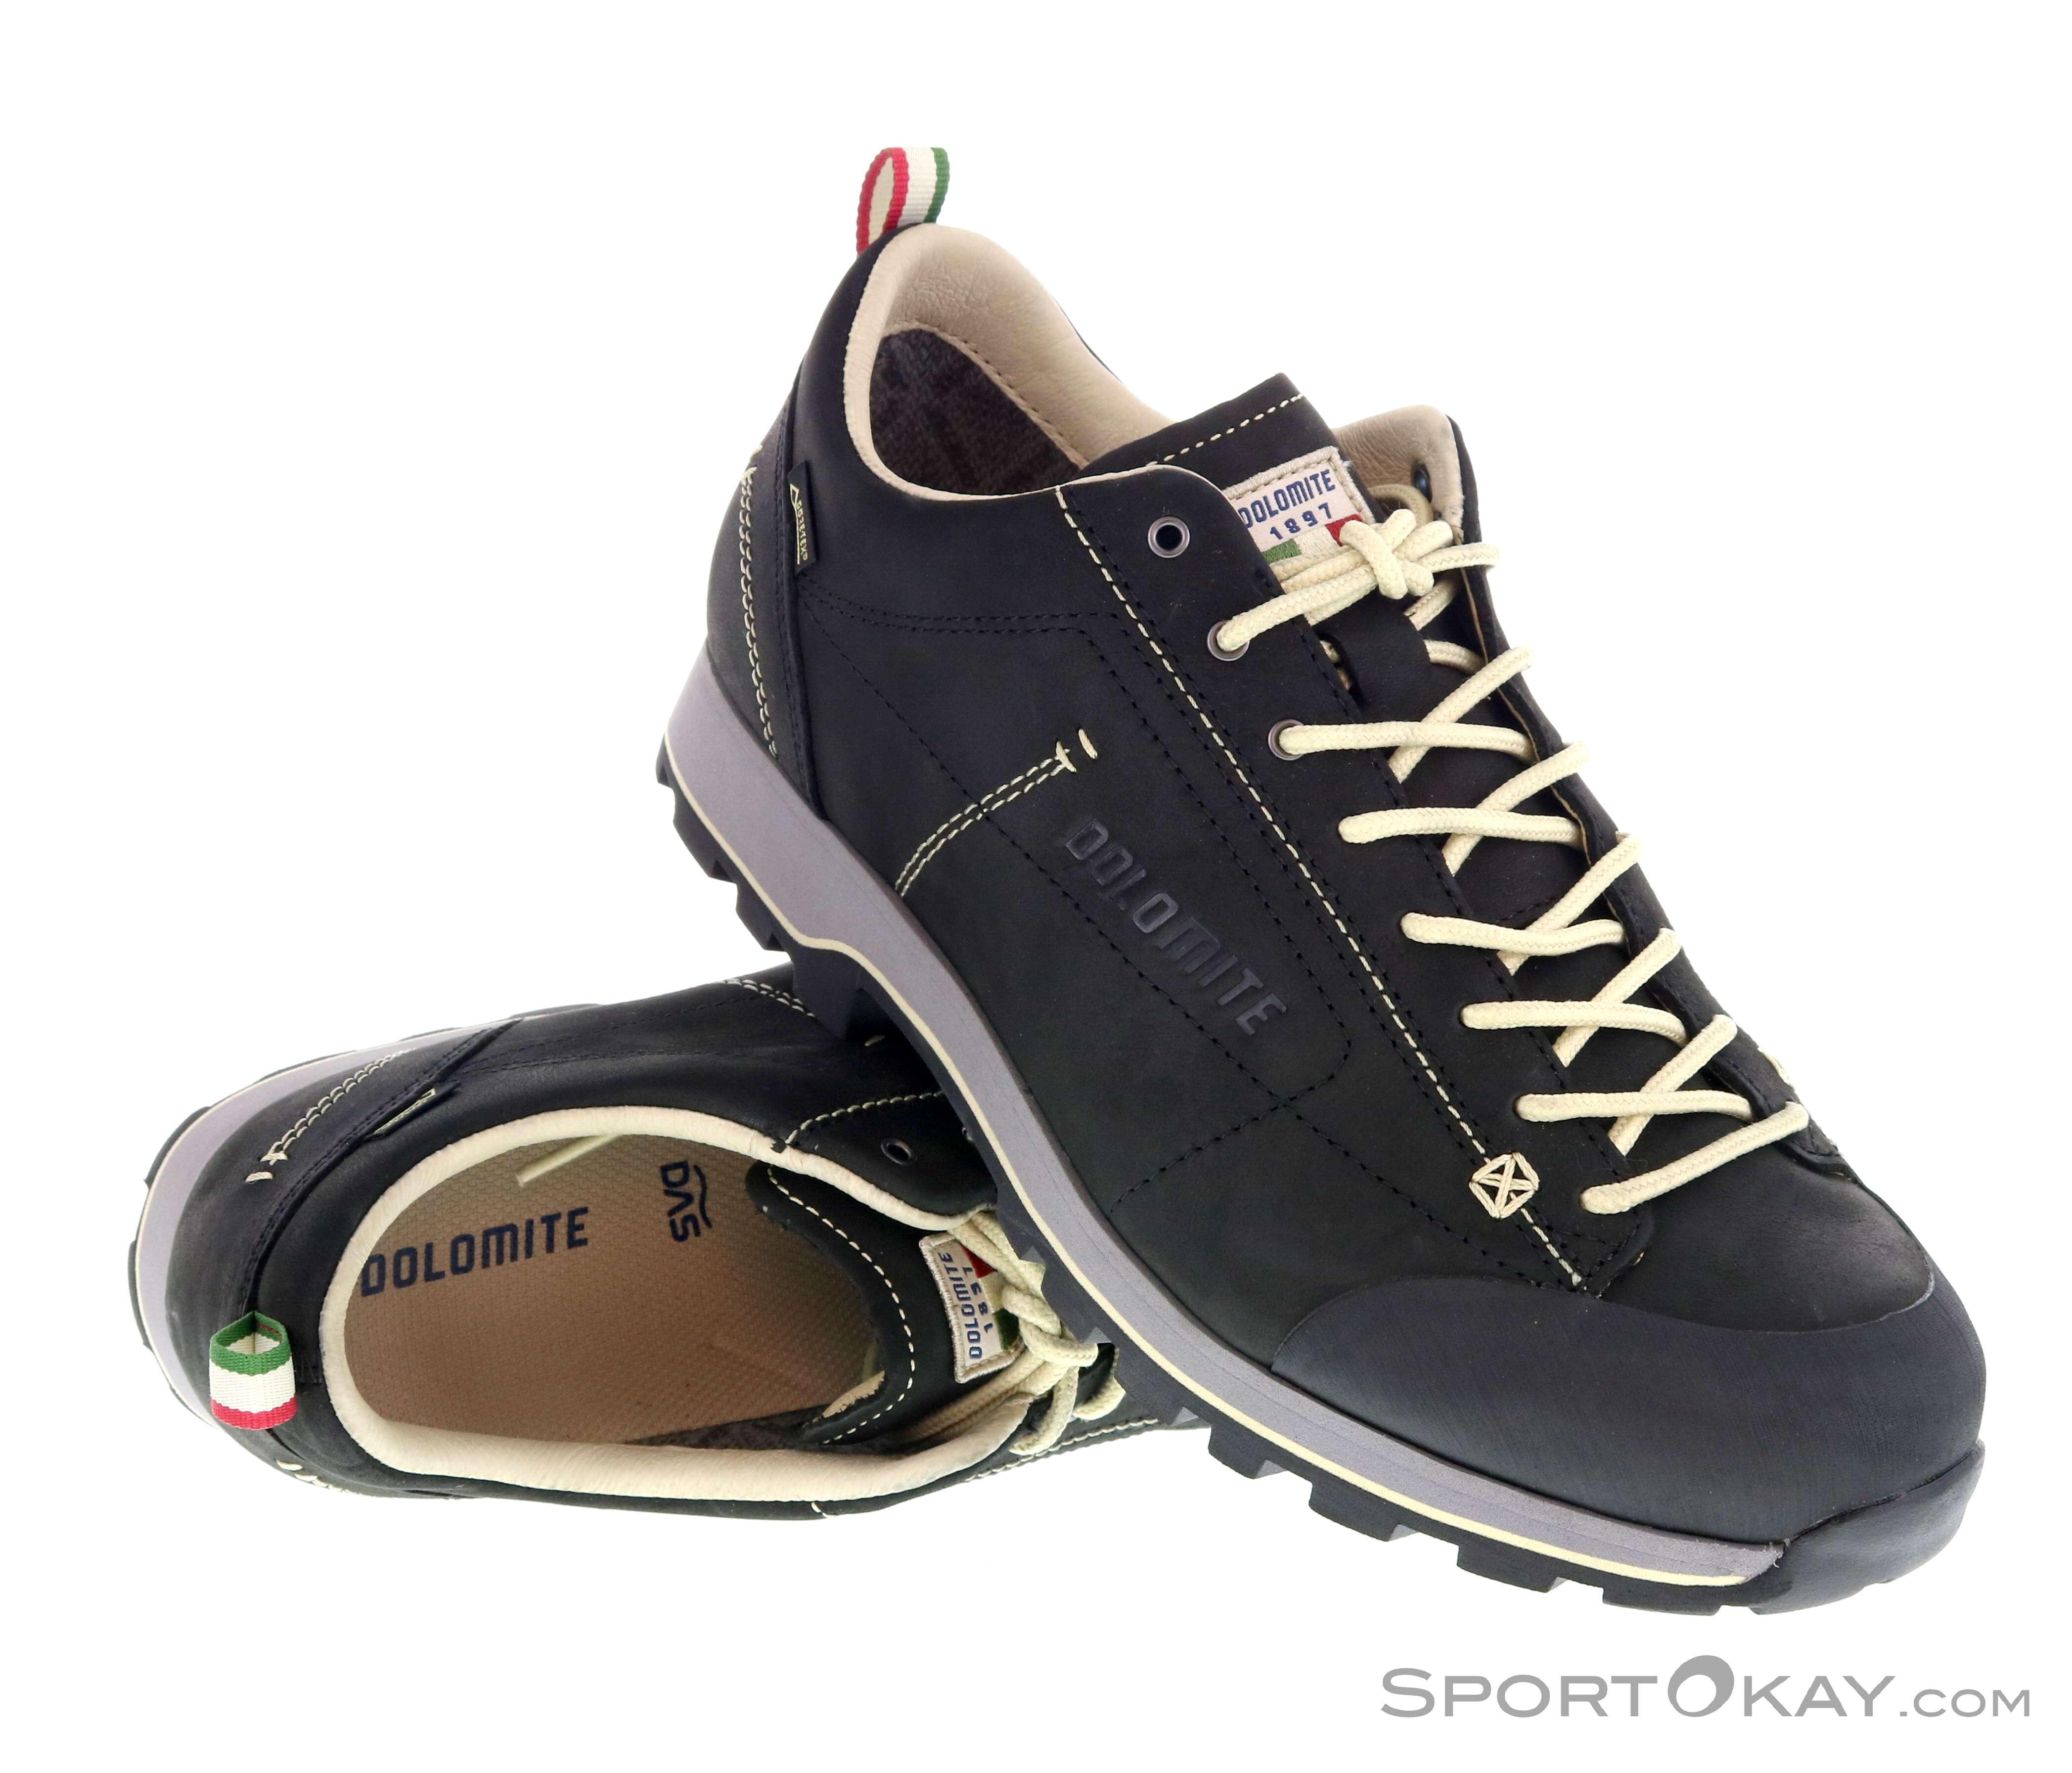 Fabrik authentisch elegantes Aussehen weit verbreitet Dolomite Dolomite Cinquanta Quattro Low FG GTX Hiking Boots Gore-Tex